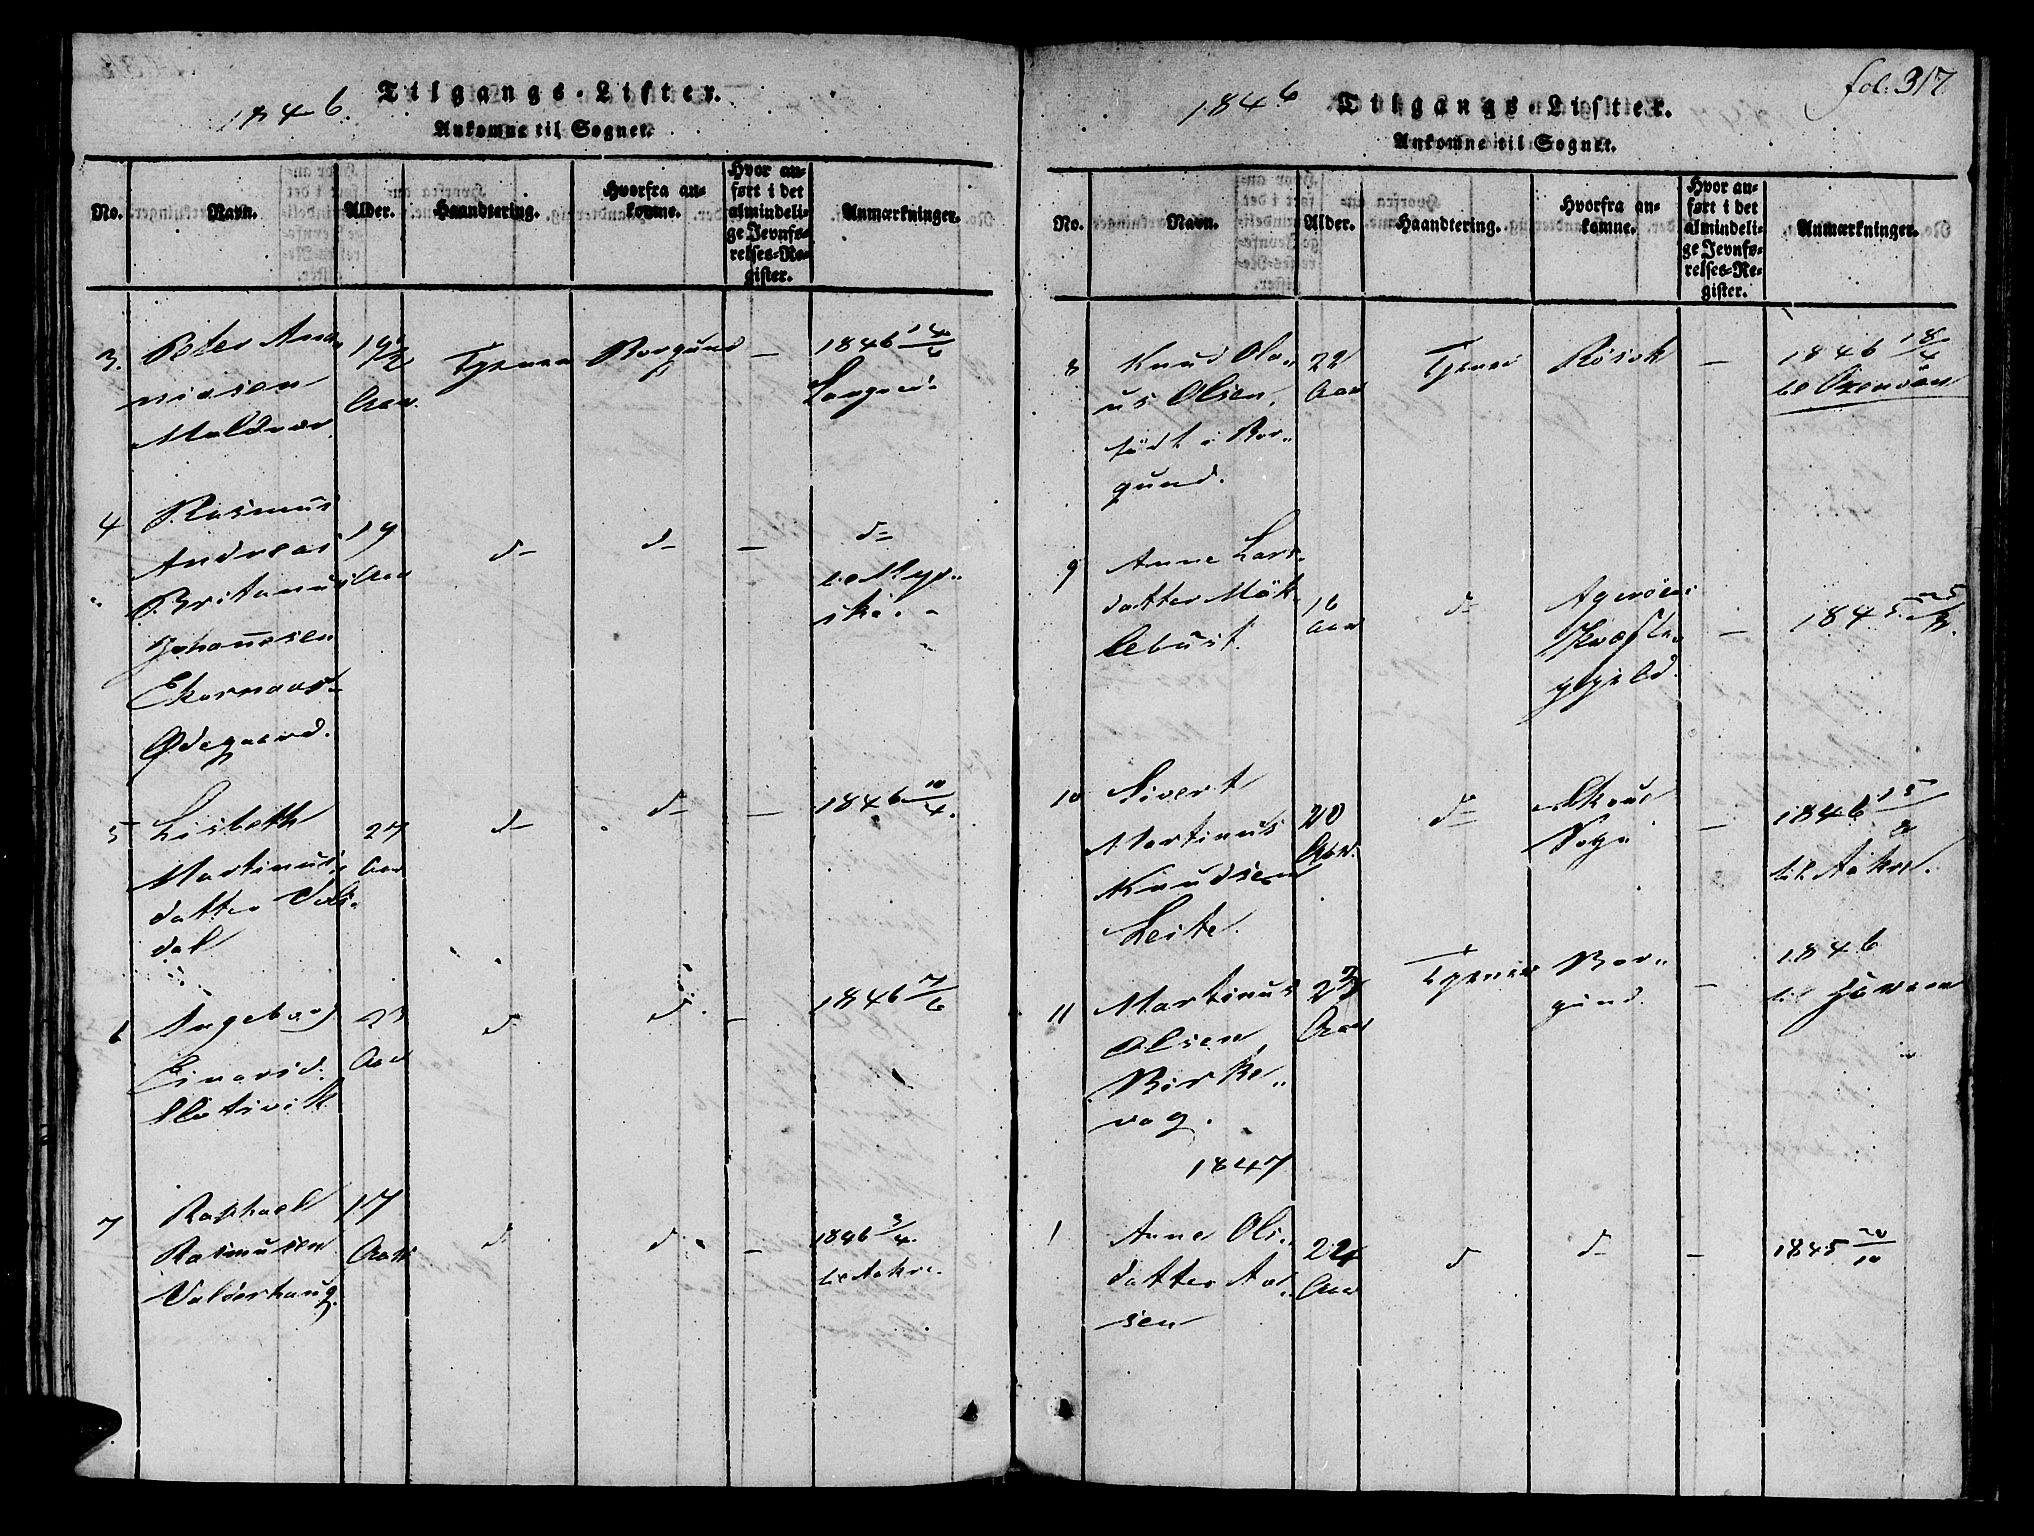 SAT, Ministerialprotokoller, klokkerbøker og fødselsregistre - Møre og Romsdal, 536/L0495: Ministerialbok nr. 536A04, 1818-1847, s. 317